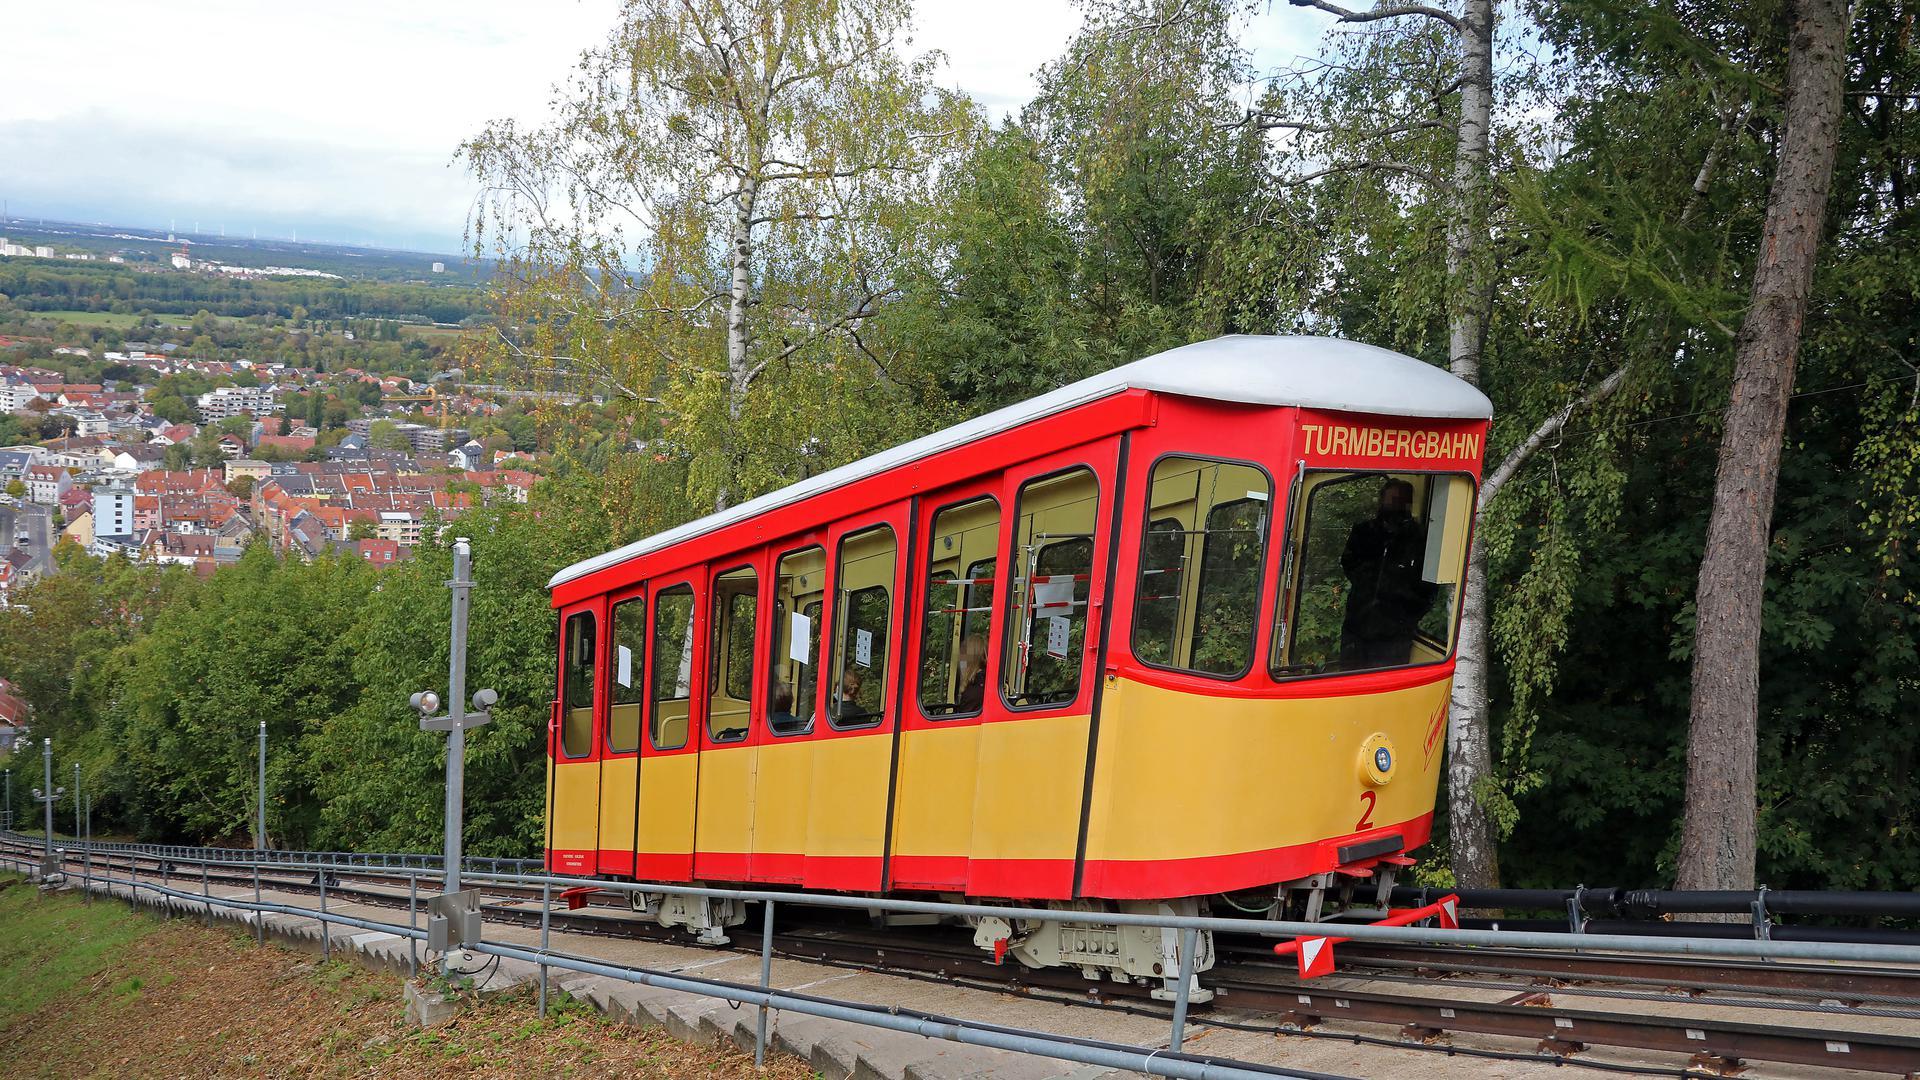 © Jodo-Foto /  Joerg  Donecker// 5.10.2020 Turmbergbahn,     -Copyright - Jodo-Foto /  Joerg  Donecker Sonnenbergstr.4  D-76228 KARLSRUHE TEL:  0049 (0) 721-9473285 FAX:  0049 (0) 721 4903368  Mobil: 0049 (0) 172 7238737 E-Mail:  joerg.donecker@t-online.de Sparkasse Karlsruhe  IBAN: DE12 6605 0101 0010 0395 50, BIC: KARSDE66XX Steuernummer 34140/28360 Veroeffentlichung nur gegen Honorar nach MFM zzgl. ges. Mwst.  , Belegexemplar und Namensnennung. Es gelten meine AGB.